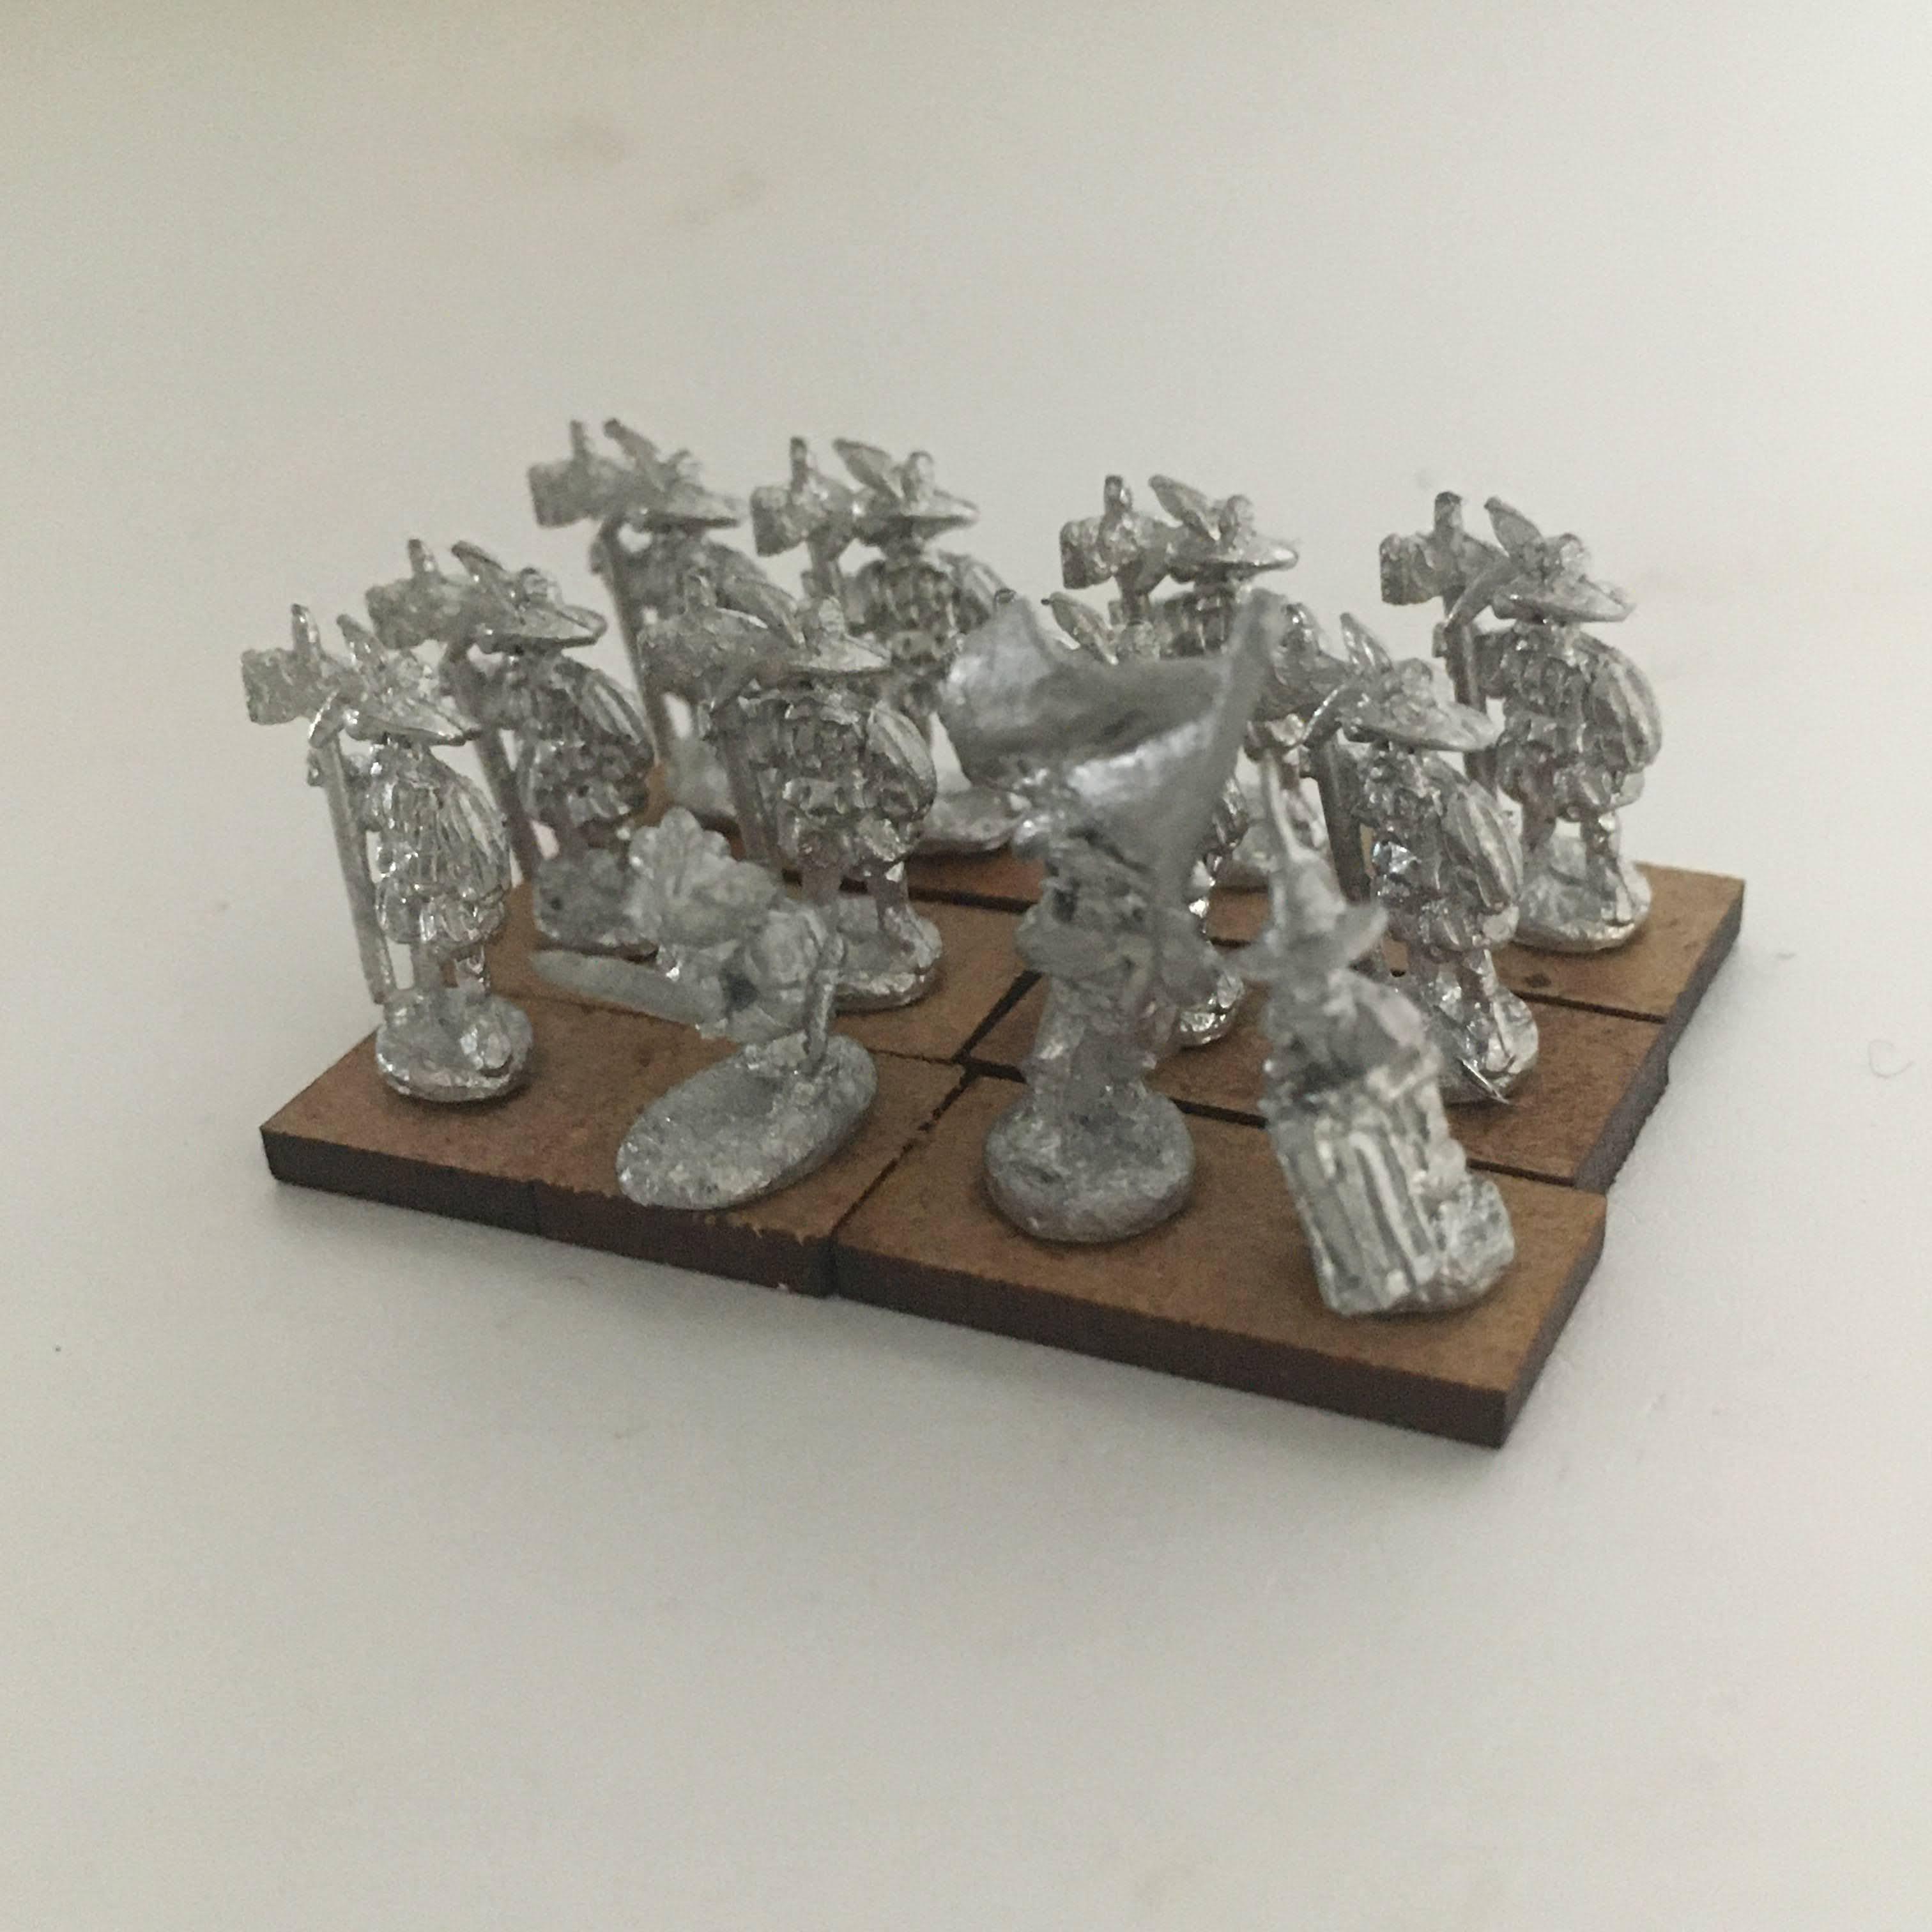 unit of 12 Halberdiers